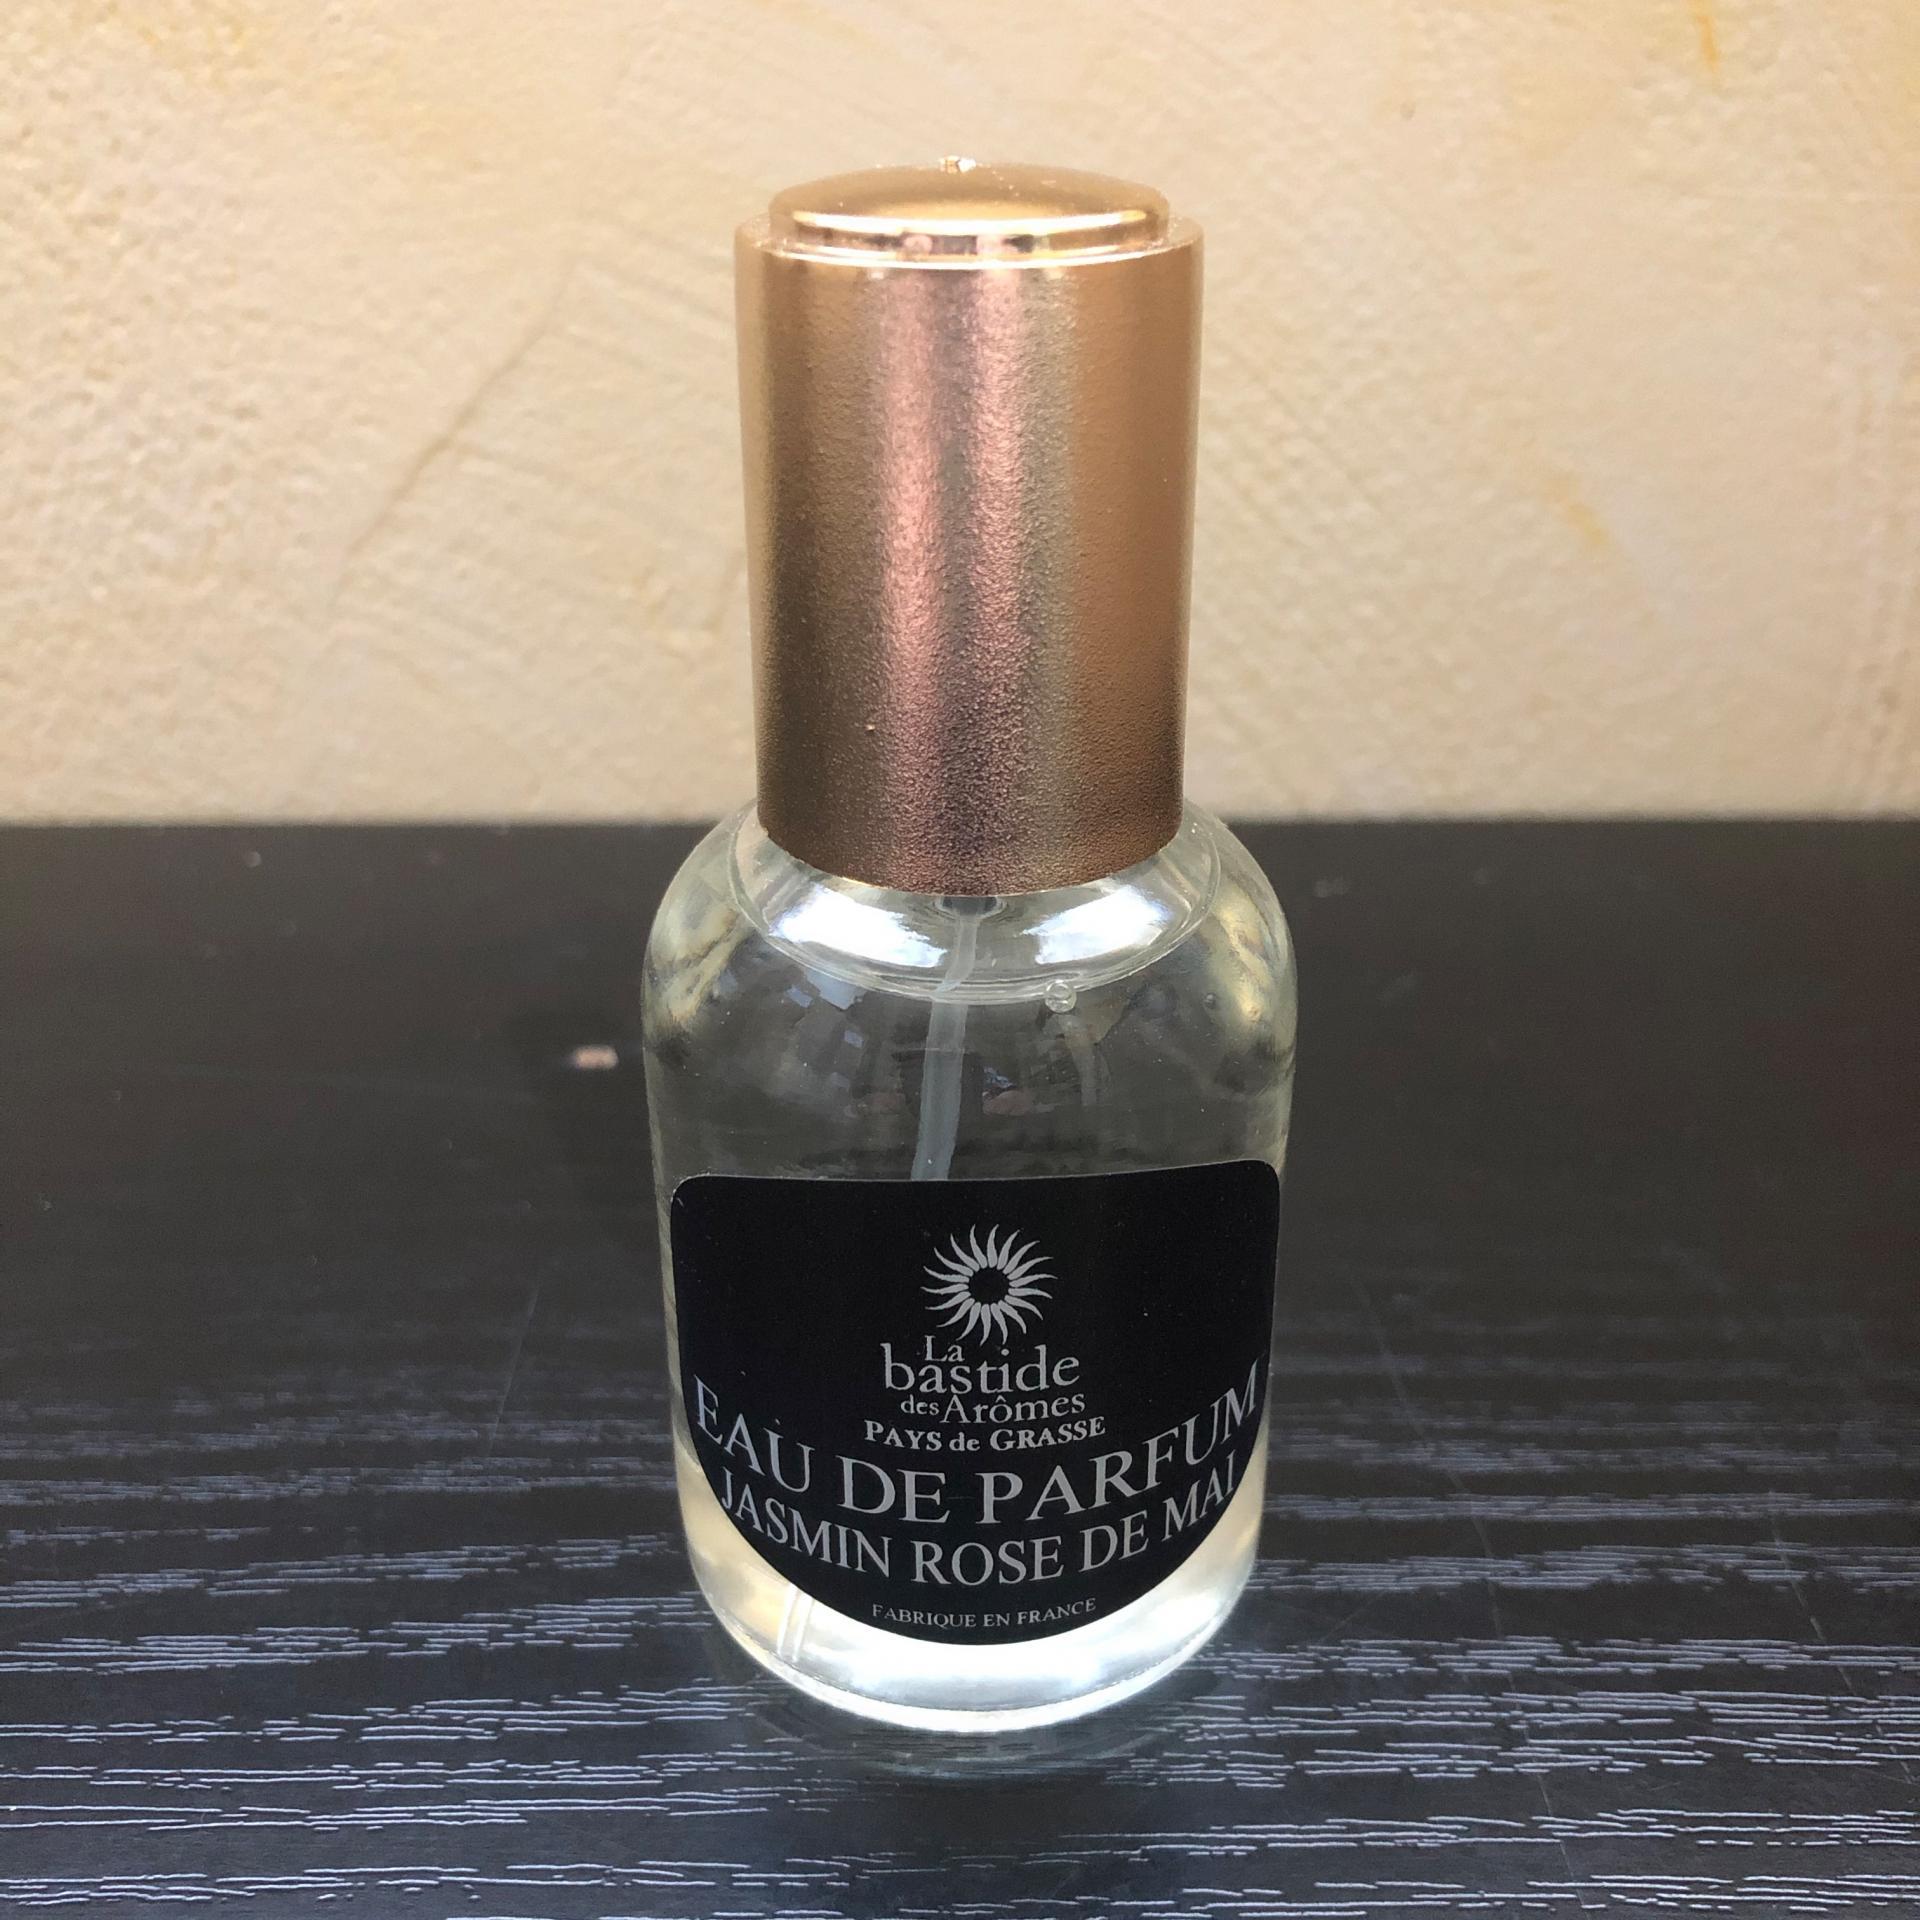 Eau de parfum 50 ml jasmin rose de mai